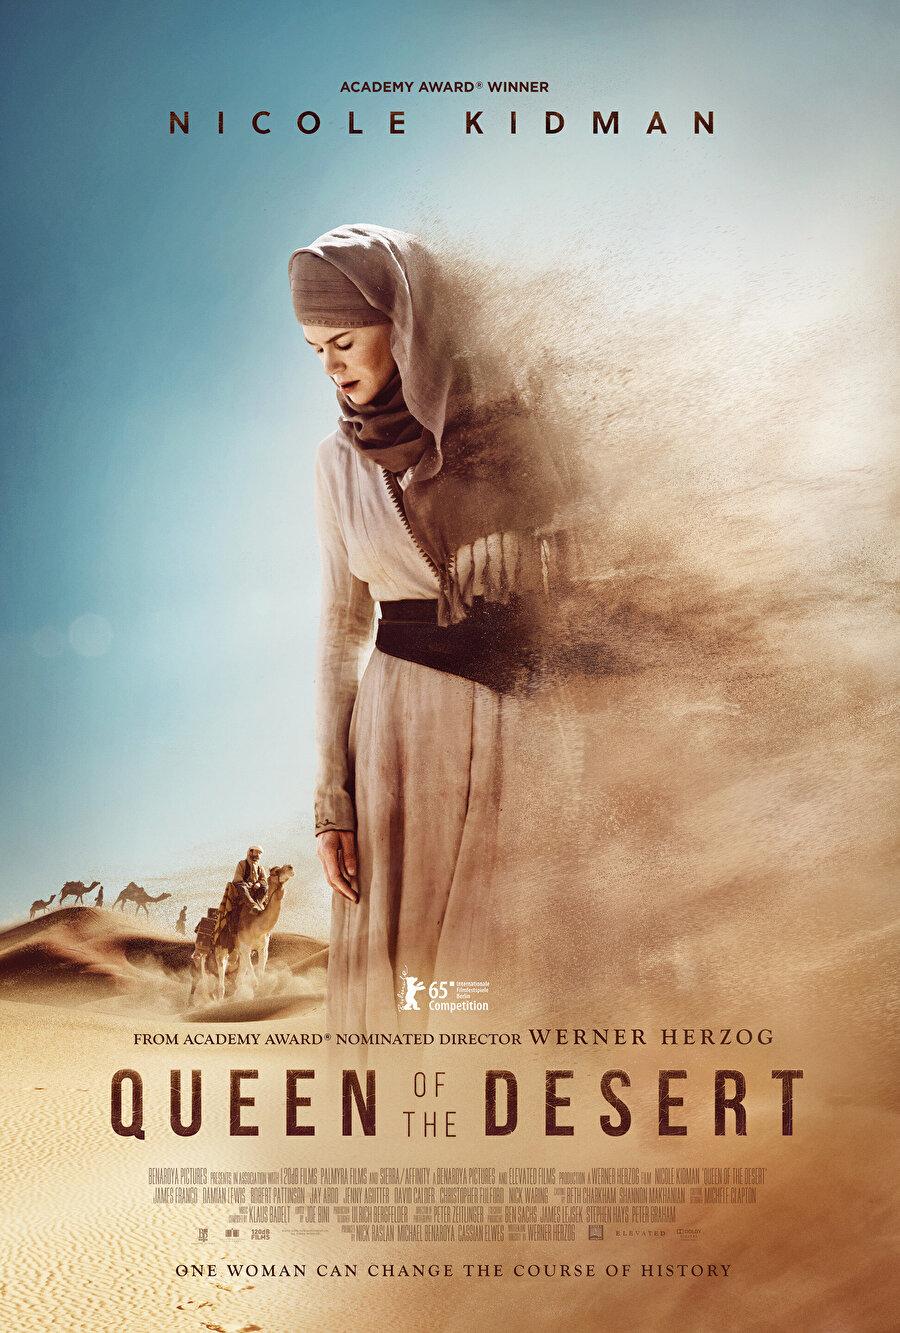 Nicole Kidman'ın Gertrude Bell'i canlandırdığı 2015 yapımı Queen of the Desert (Çöl Kraliçesi) isimli film her ne kadar burada Bell'i yerel kıyafetler içerisinde gösteriyor olsa da, onun Lawrence'ın aksine yerel kıyafetlerle ile çekilmiş bilinen bir fotoğrafı yoktur.